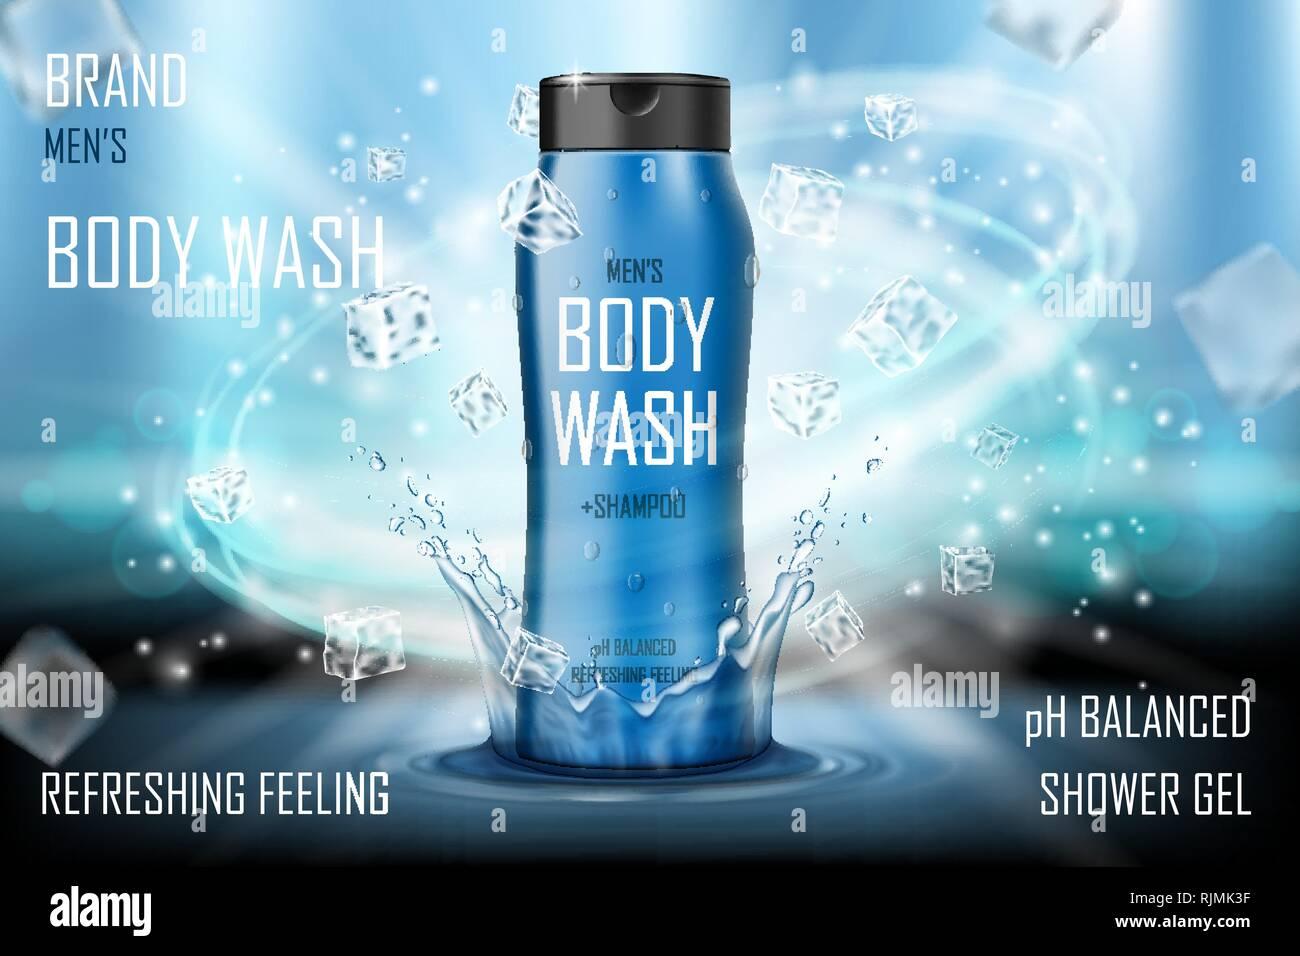 Les hommes de refroidissement s body wash gel avec des projections d'eau et des cubes de glace. Le corps réaliste annonce pour poster. Les hommes soins s de la conception des produits. 3D de vecteur Photo Stock